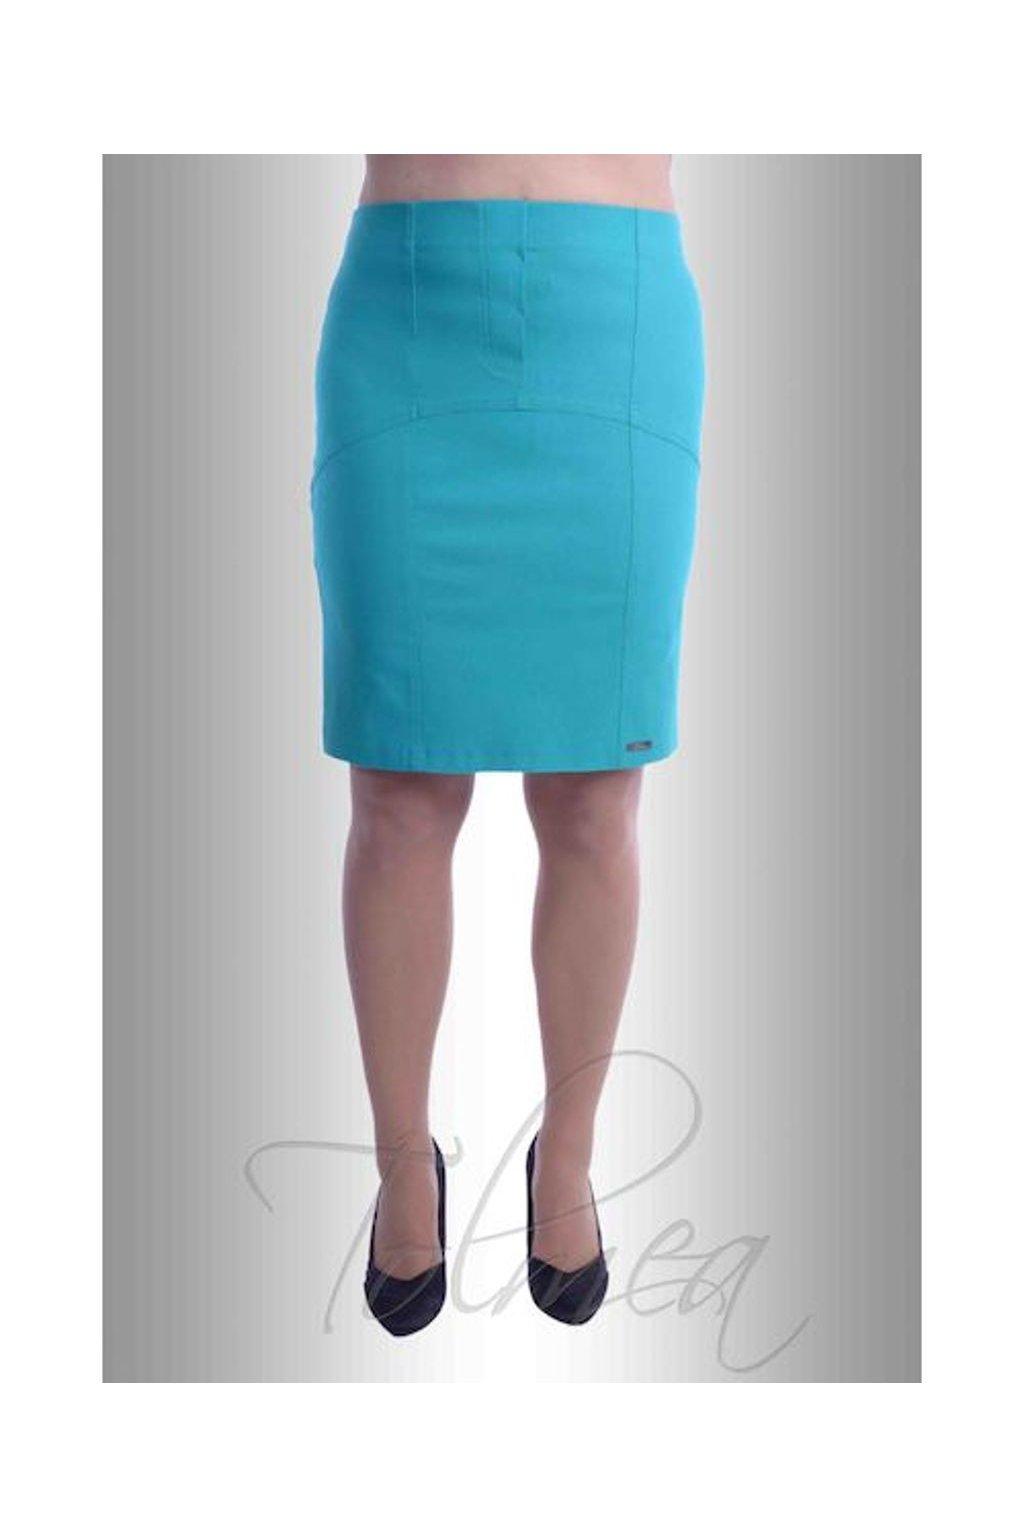 Sukně elastická členěná 4817 (Velikost 36, Barva Tyrkysová)